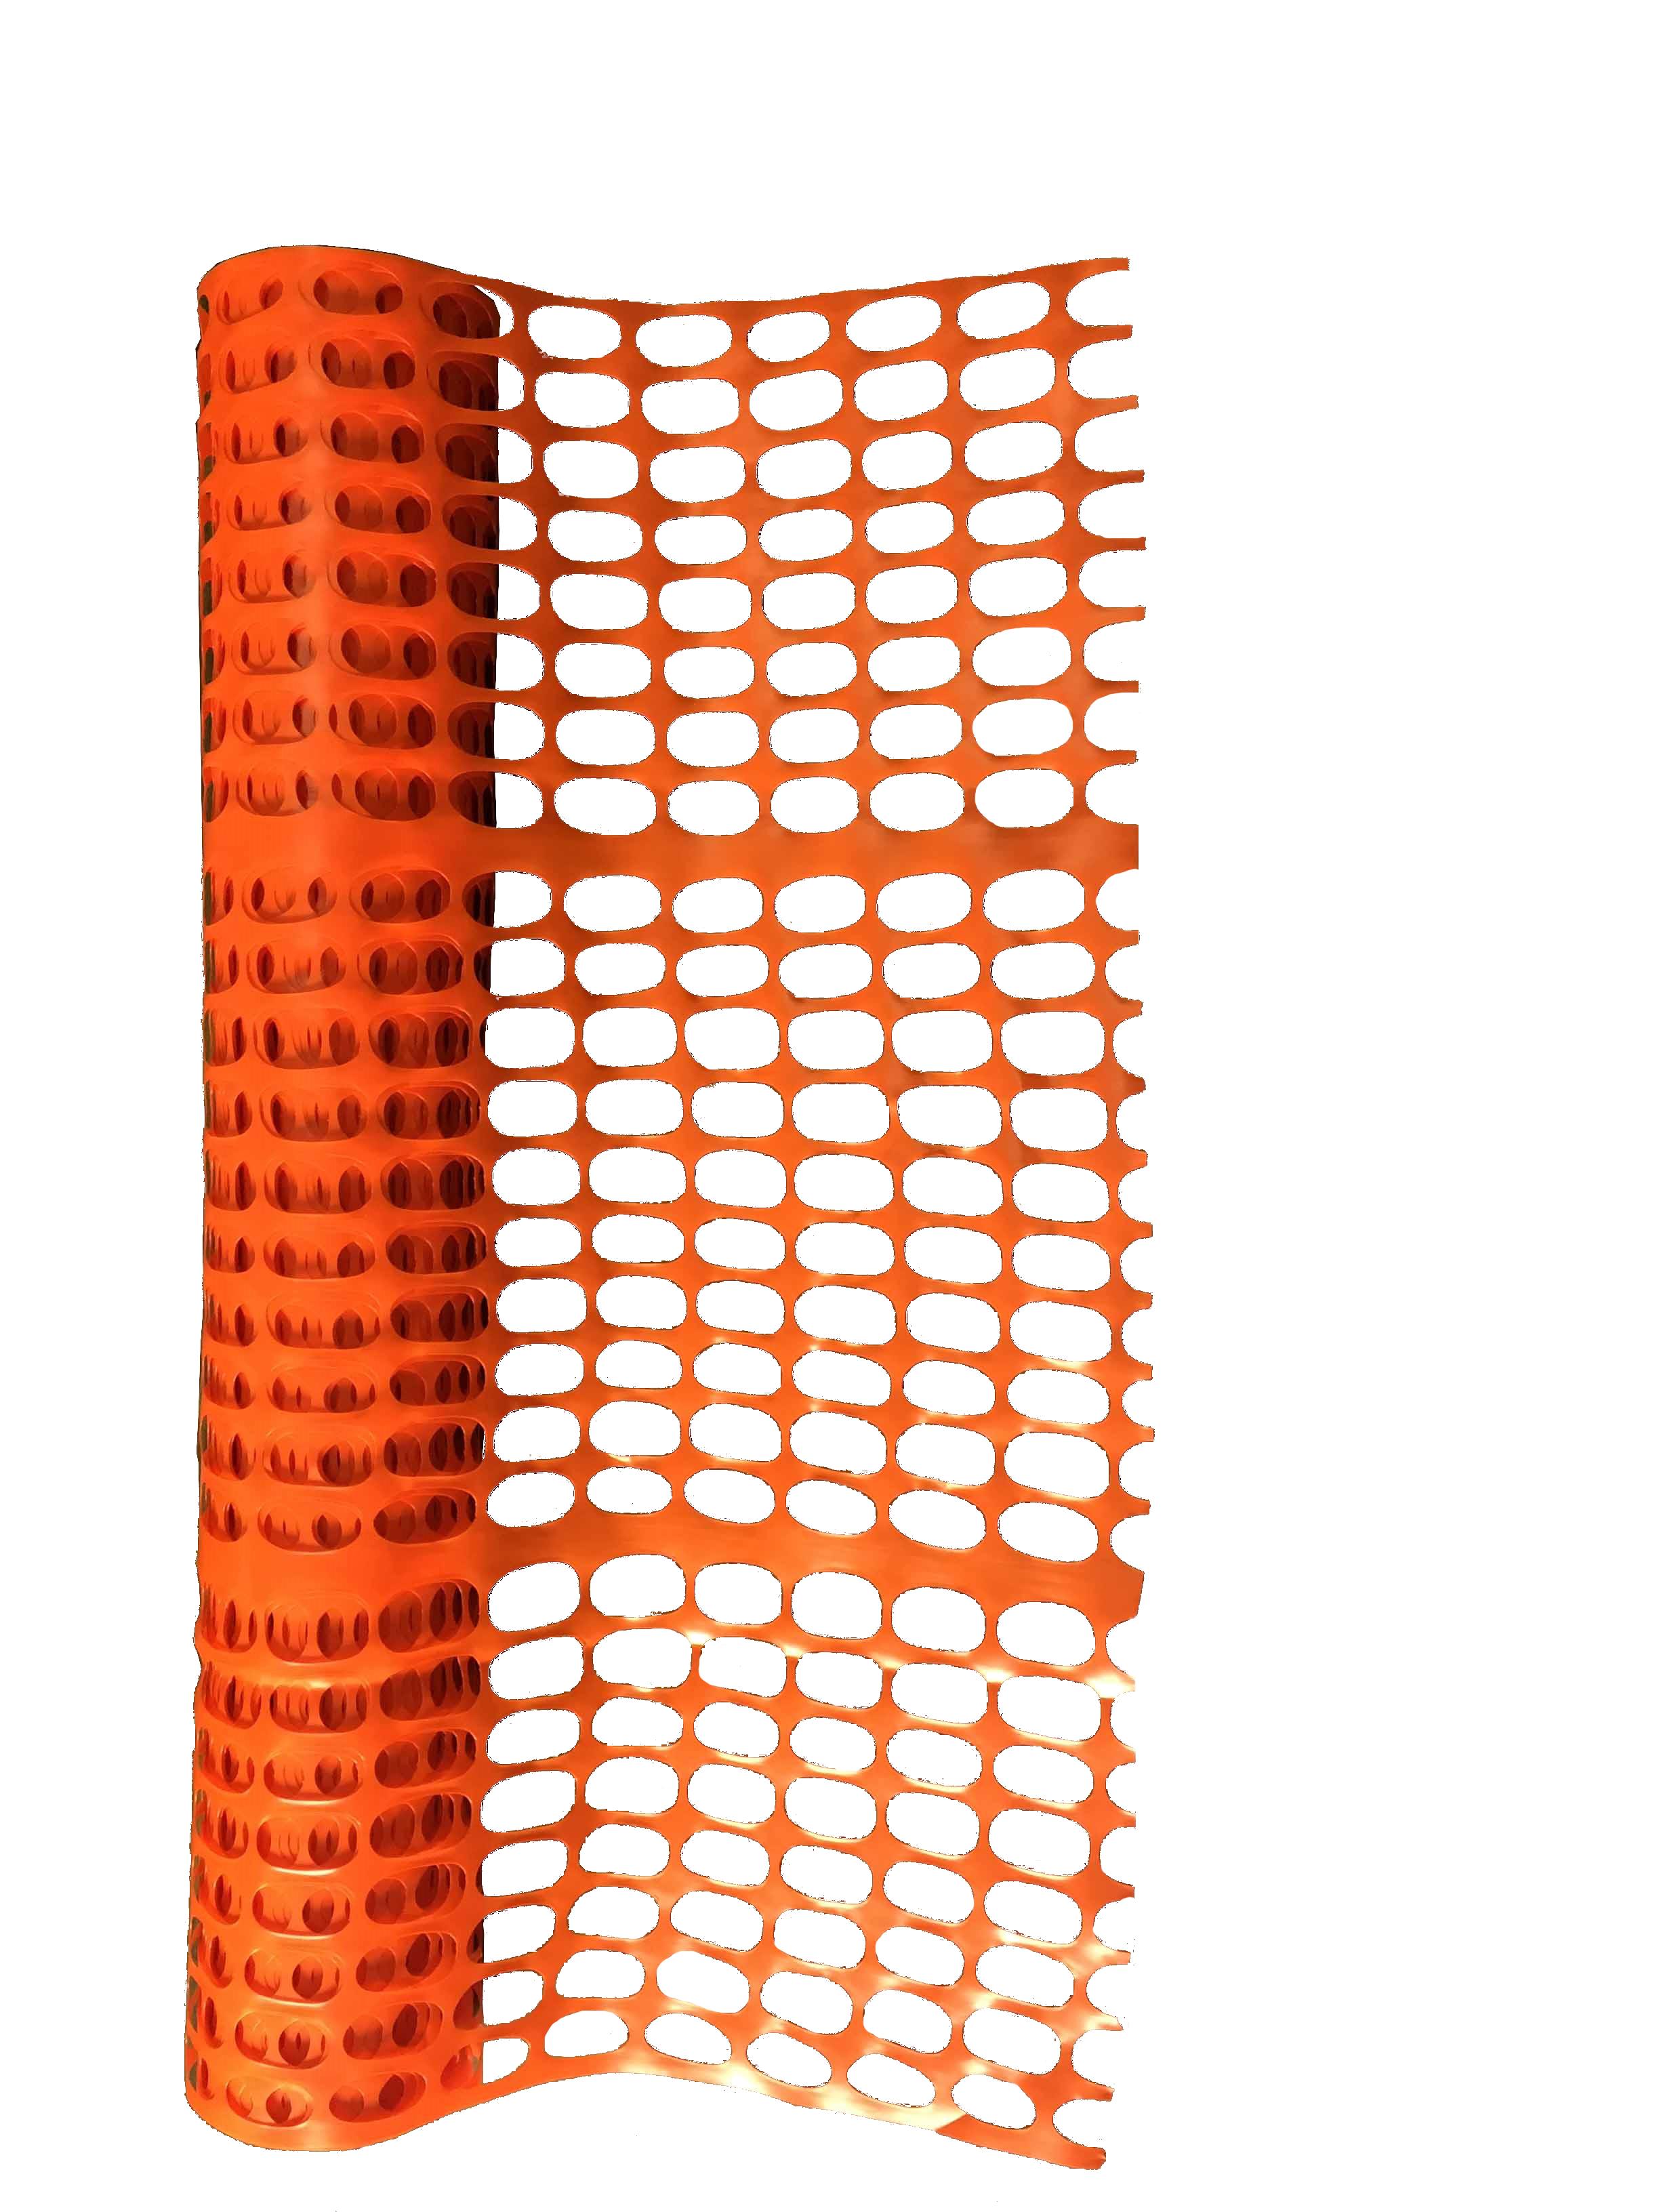 Rete In Plastica Per Cantiere.Rete Cantiere Arancio Fip Articoli Tecnici Padova